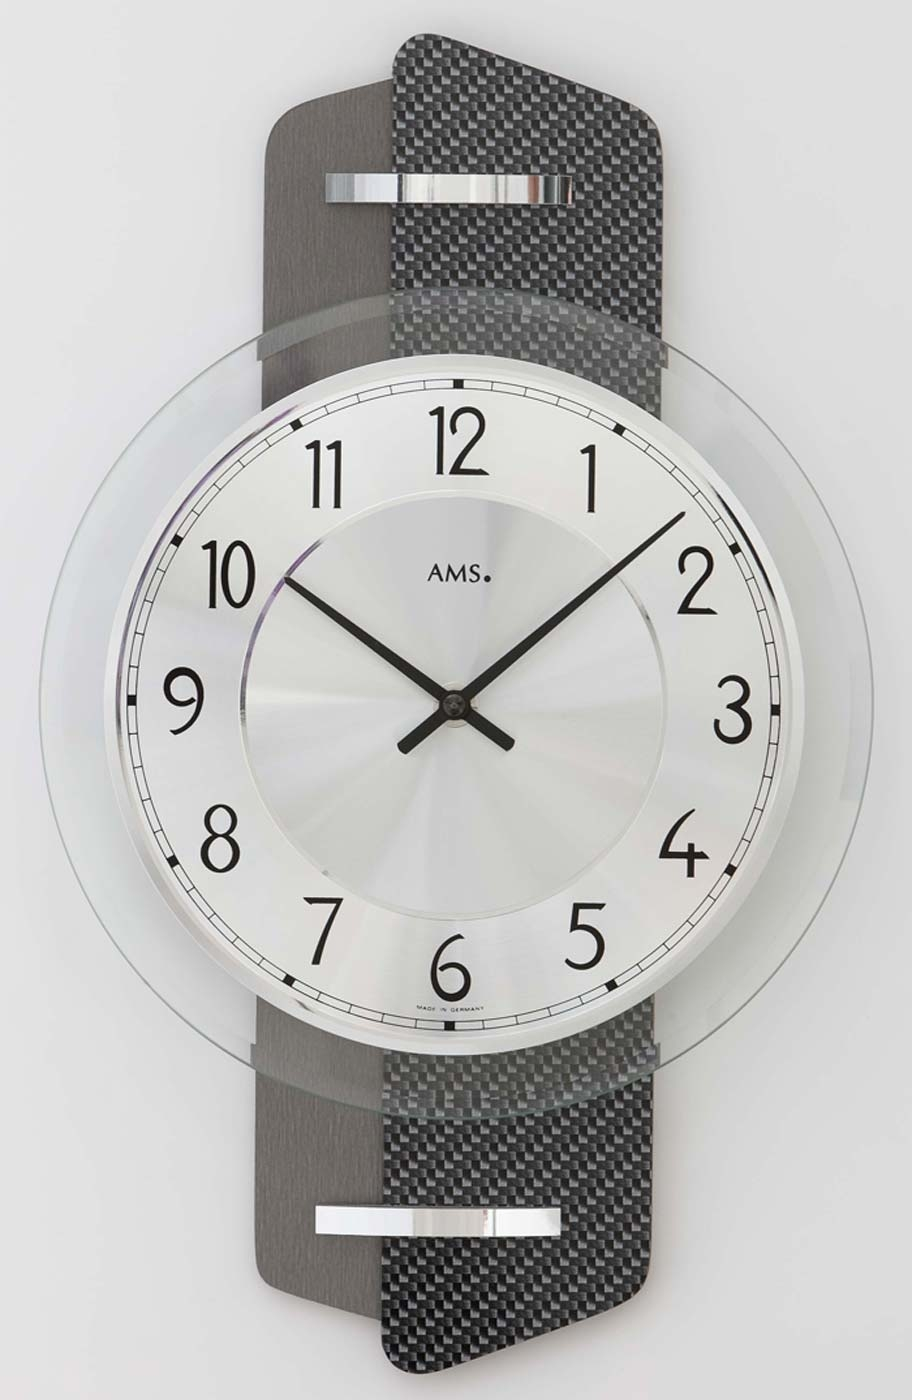 ceas de perete ams 9404